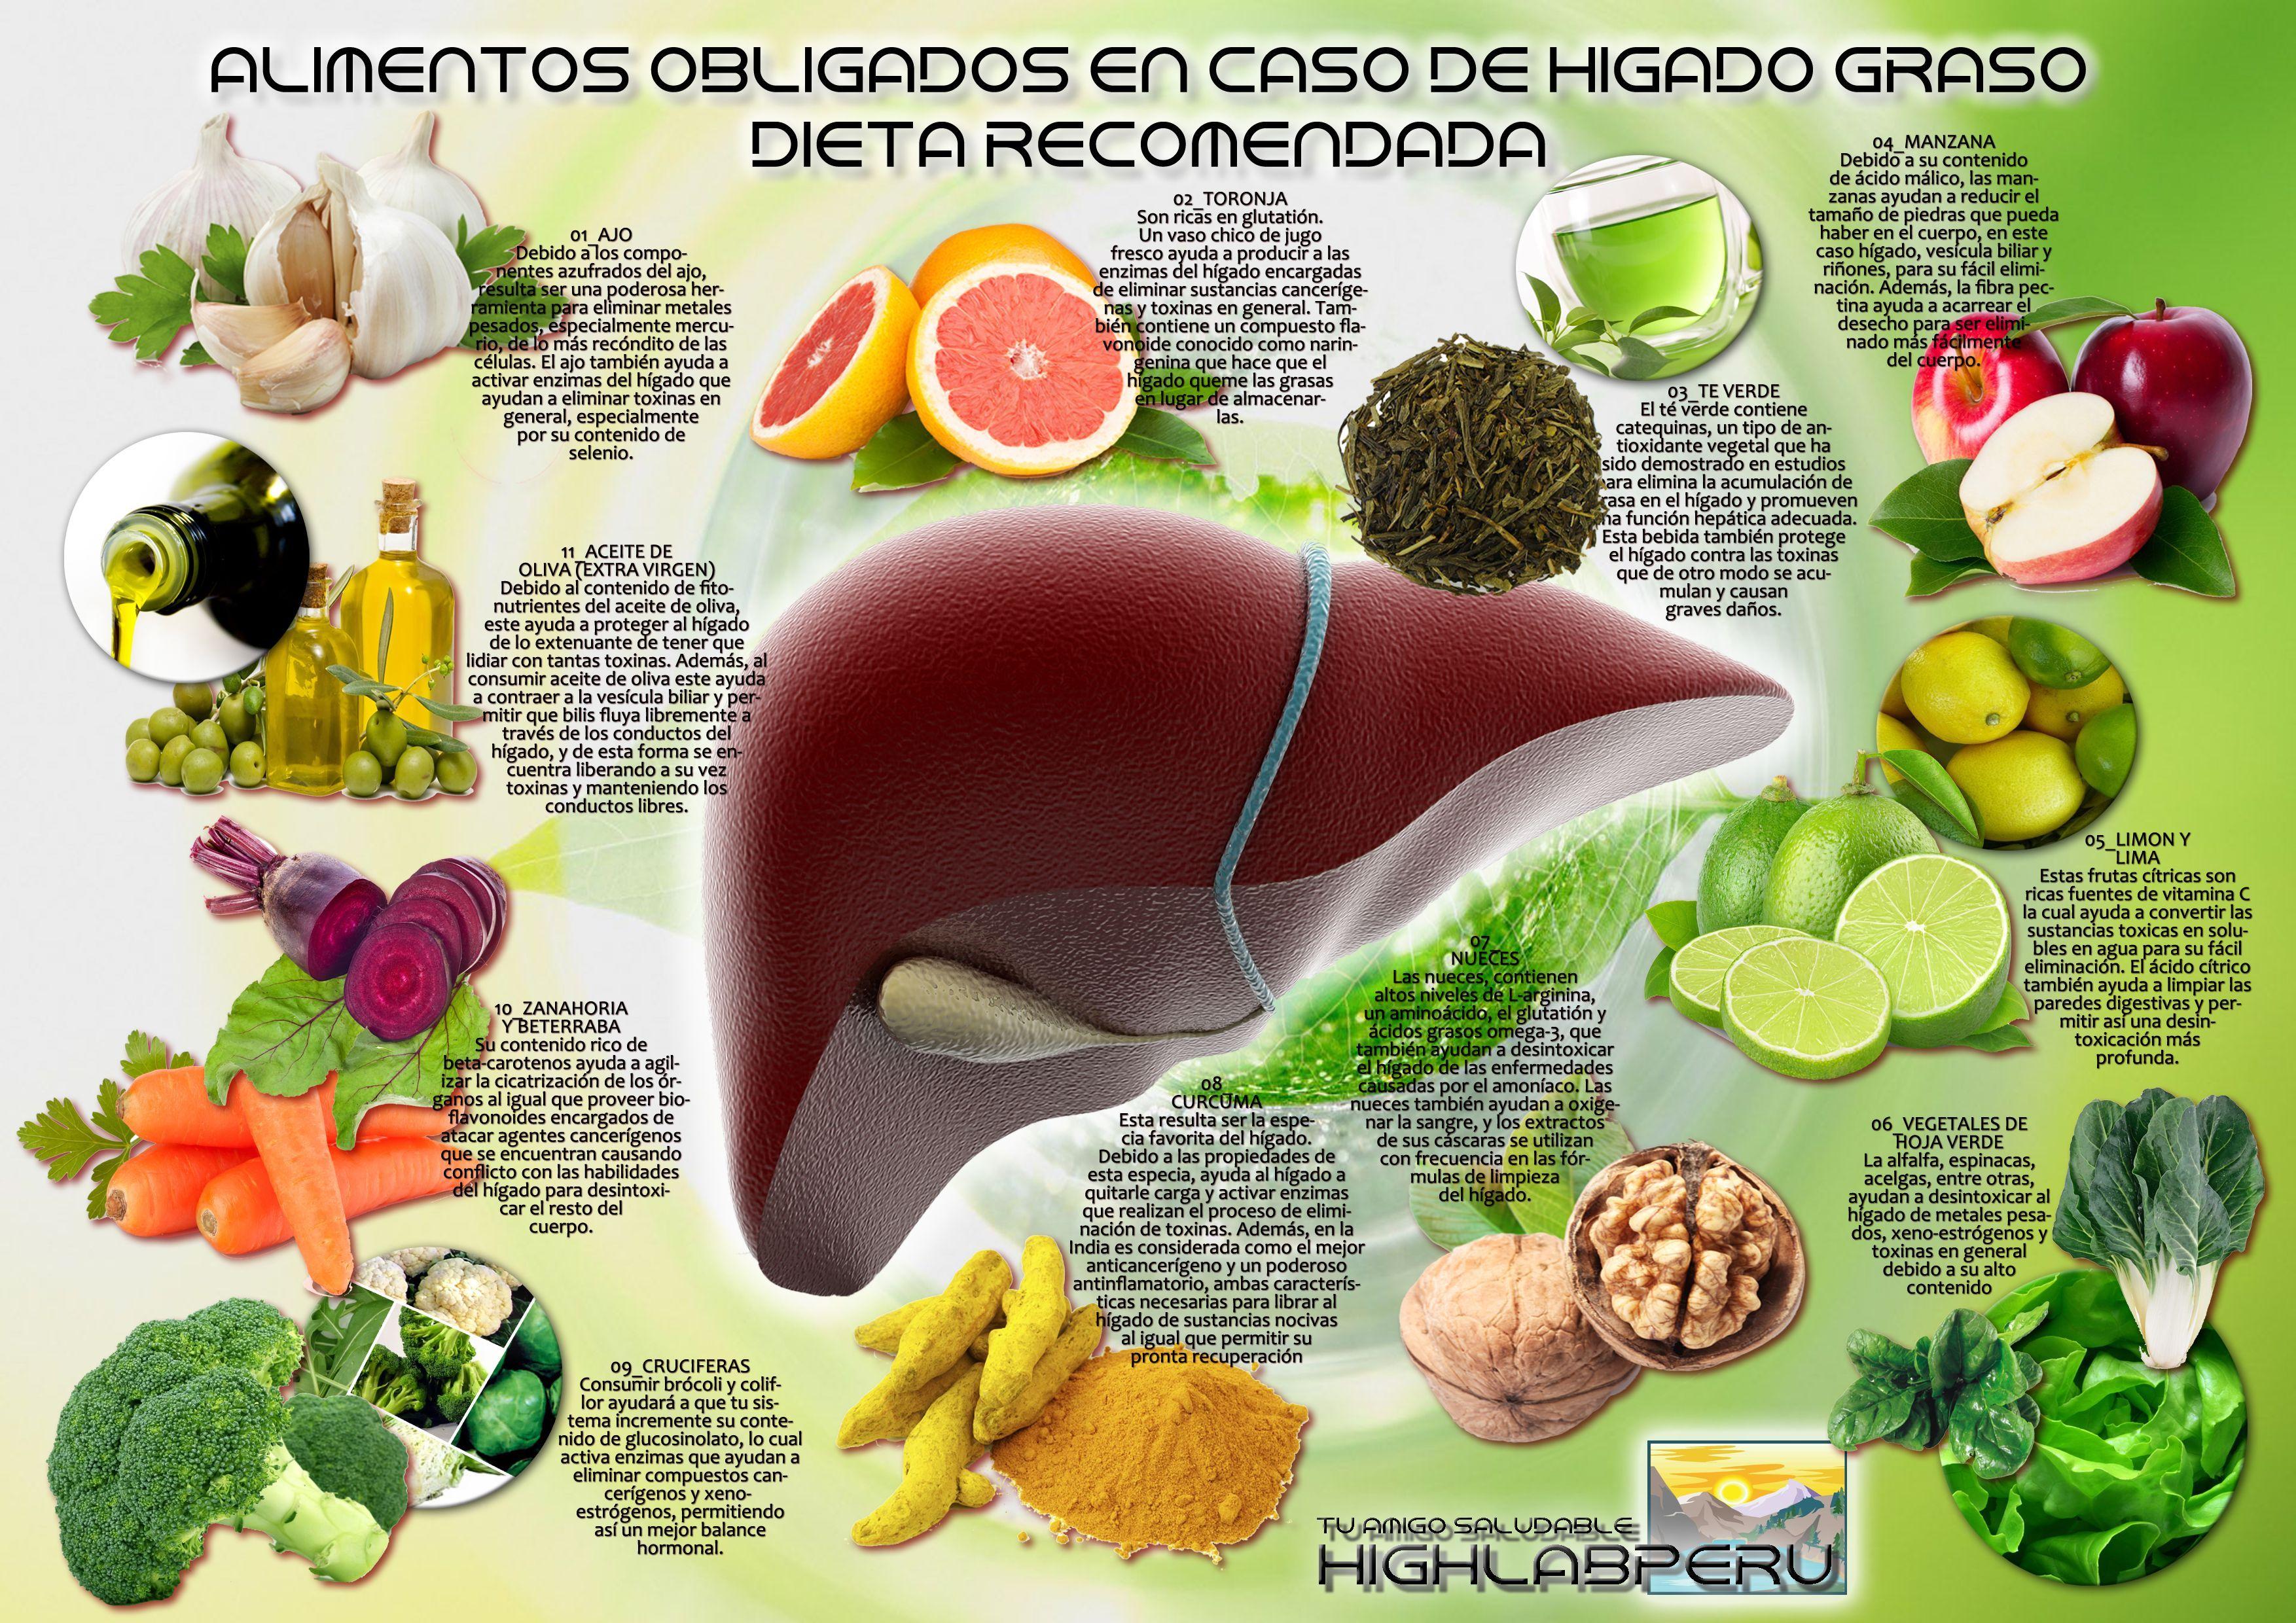 Dieta para el higado graso y gastritis